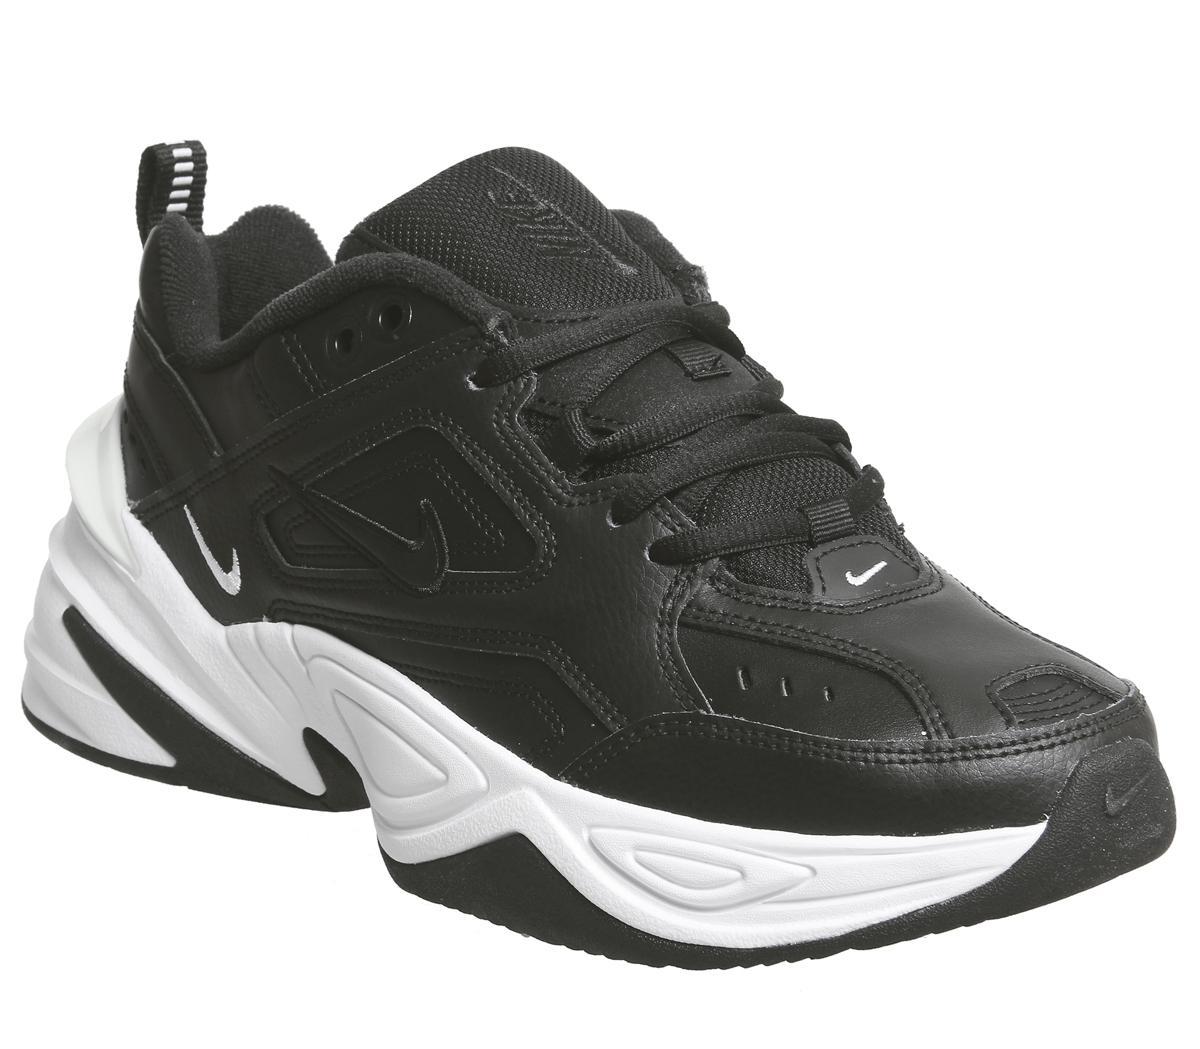 Nike M2k Tekno Trainers Black Black